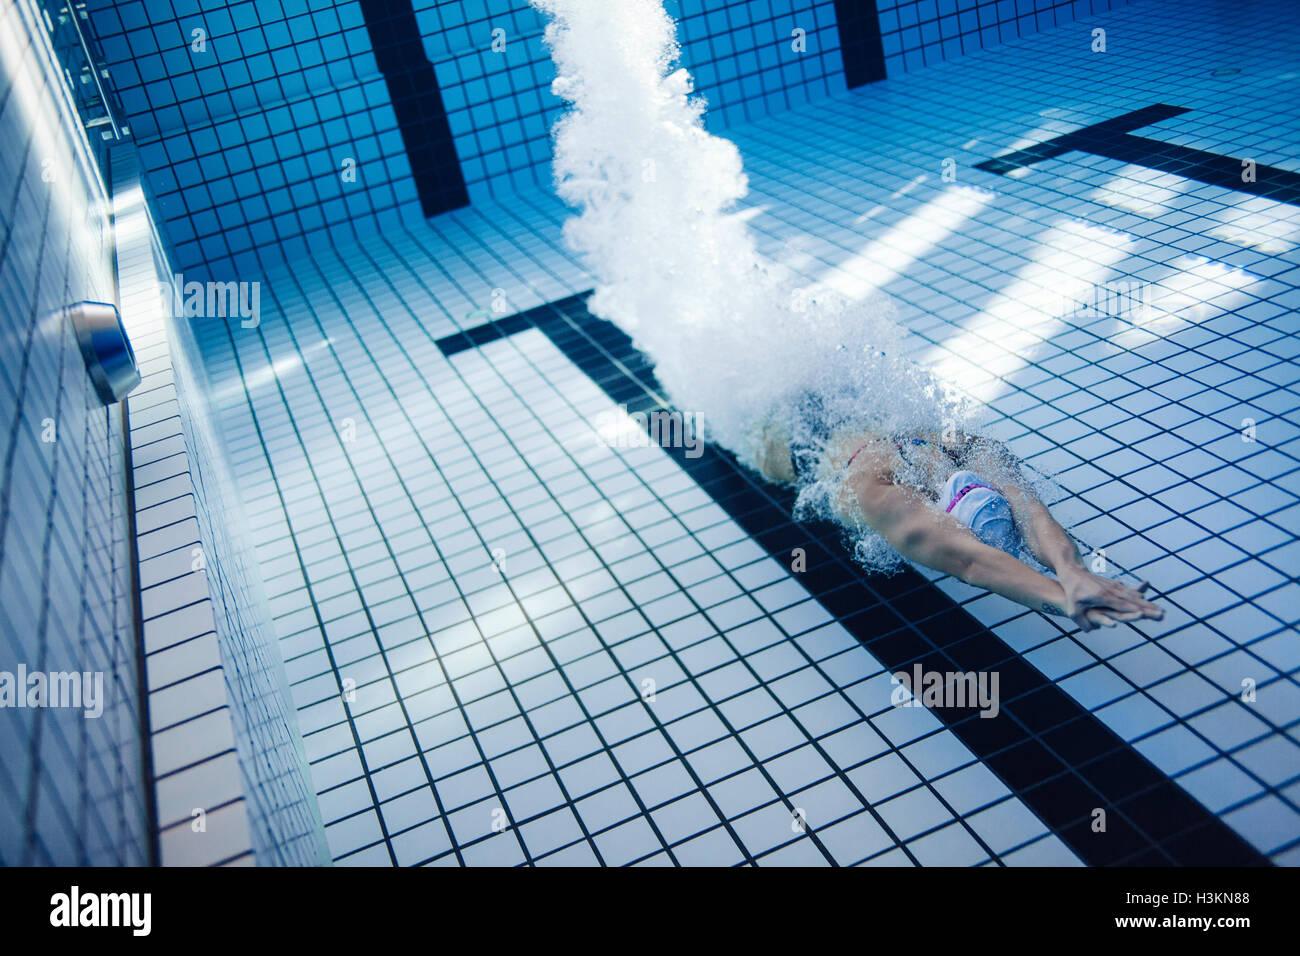 Debaixo de tiro da piscina piscina interior feminino nadador. Aplicar as fêmeas jovens nadador formação Imagens de Stock